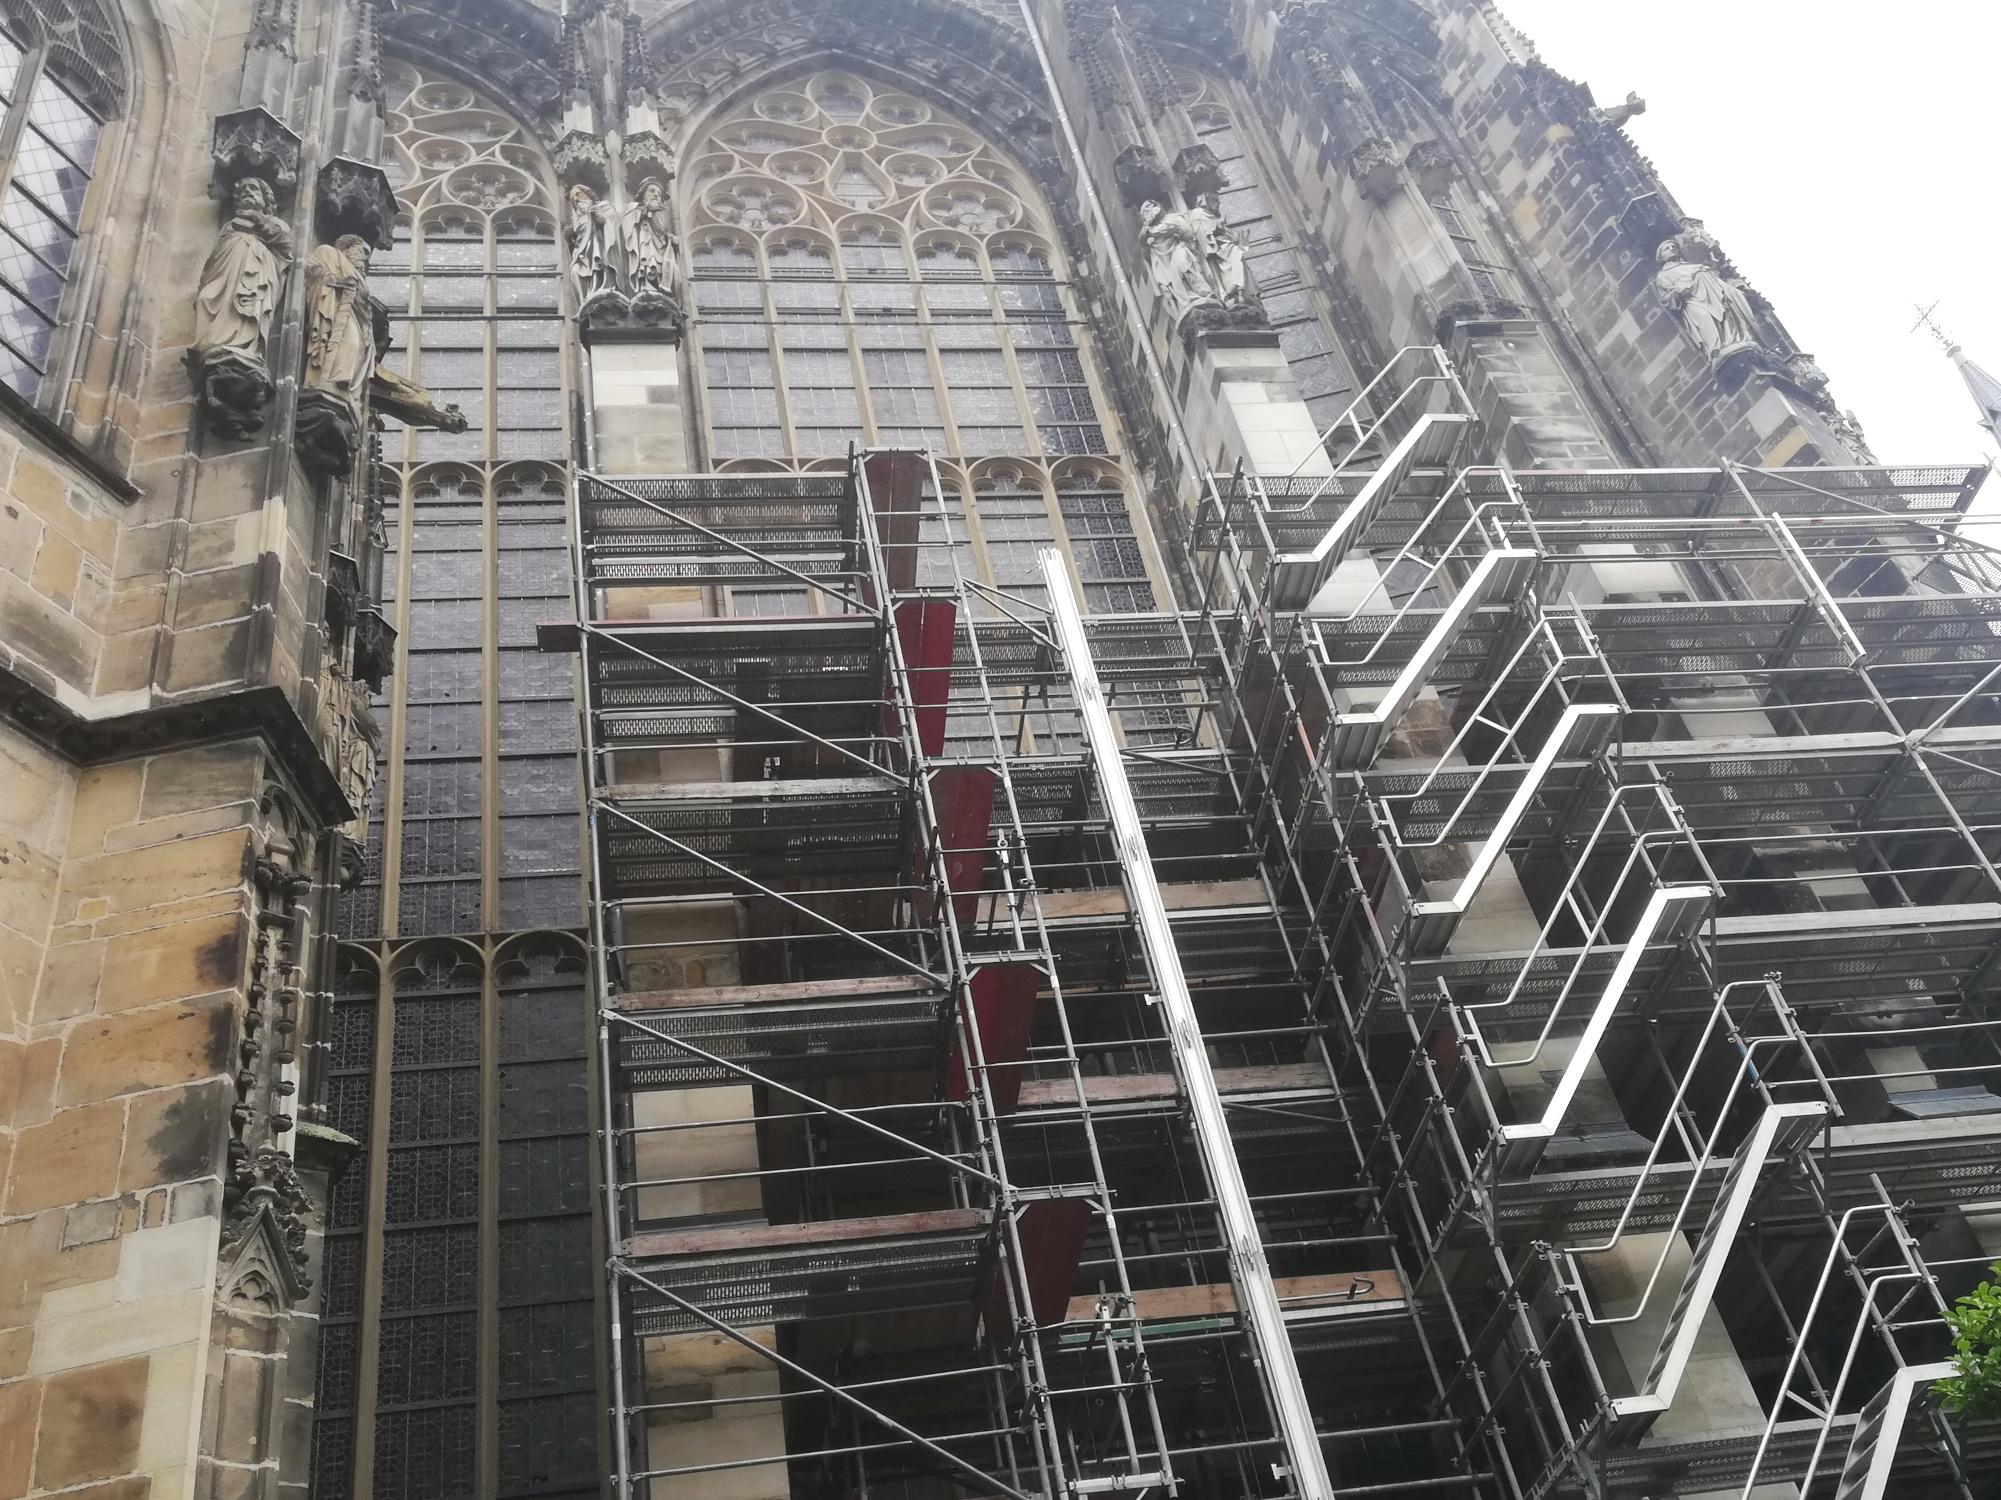 Sanierungsarbeiten an der Chorhalle des Aachener Doms